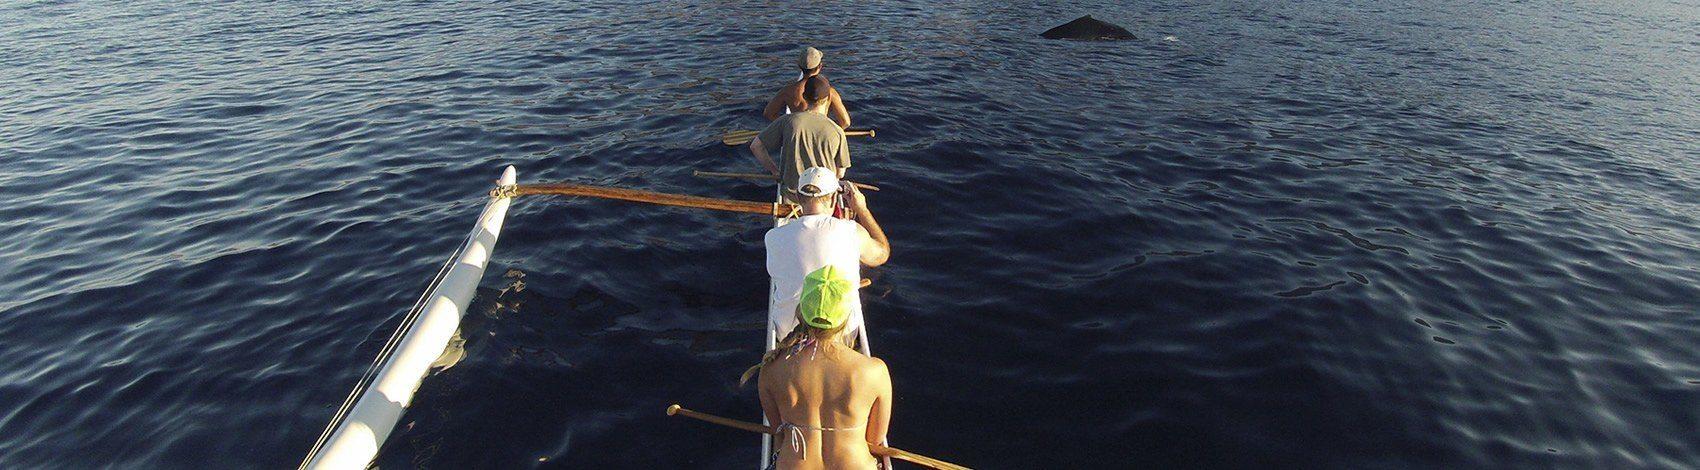 maui-canoe-tour-slide-1